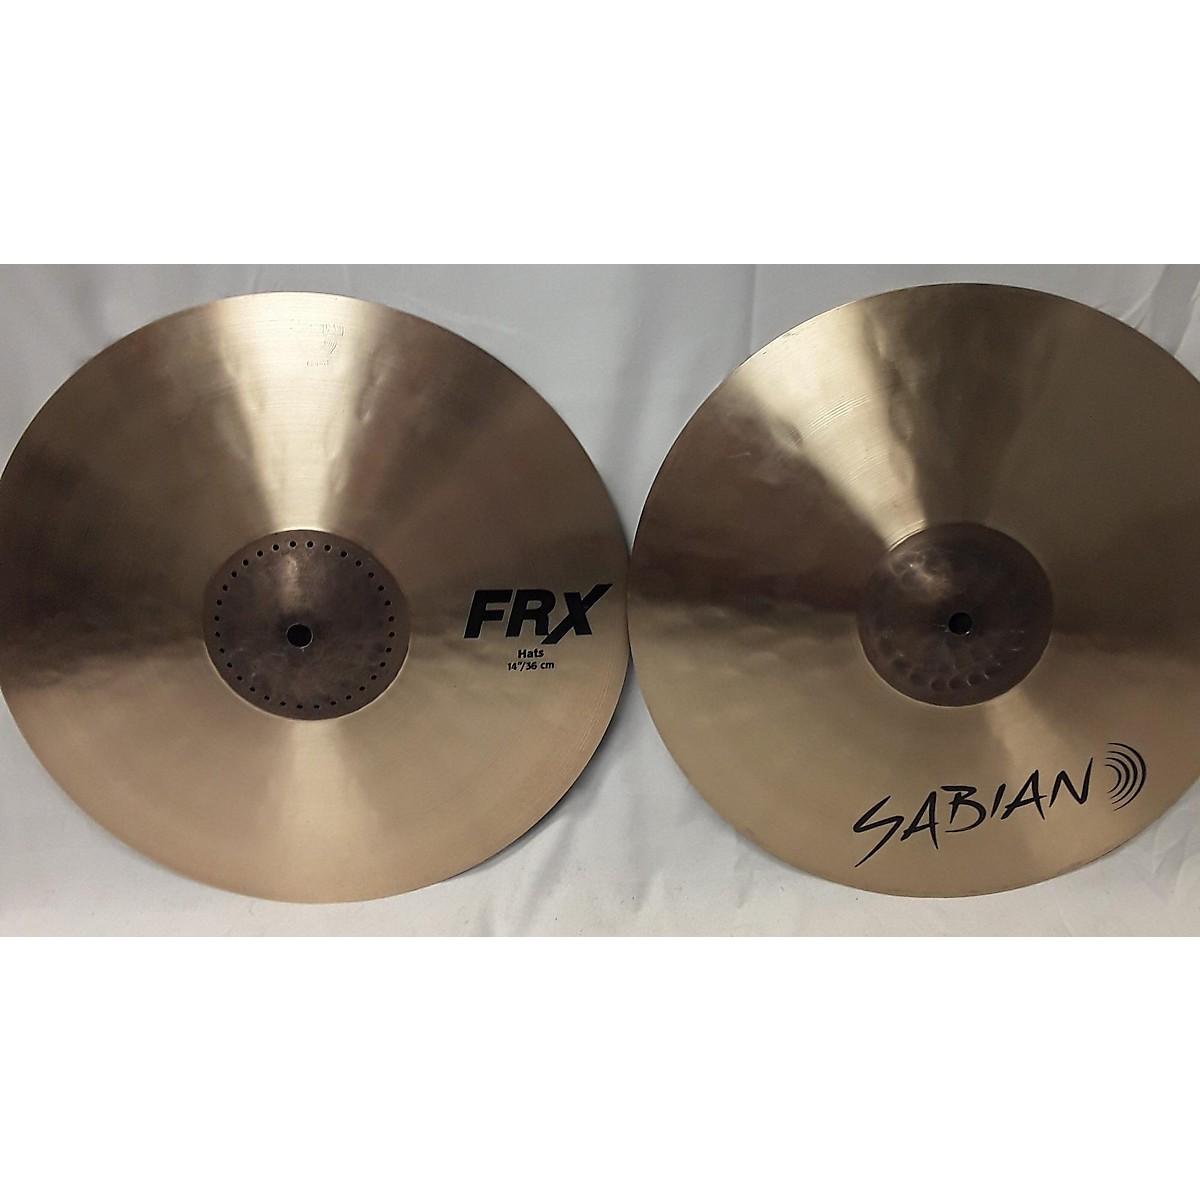 Sabian 14in FRX Cymbal